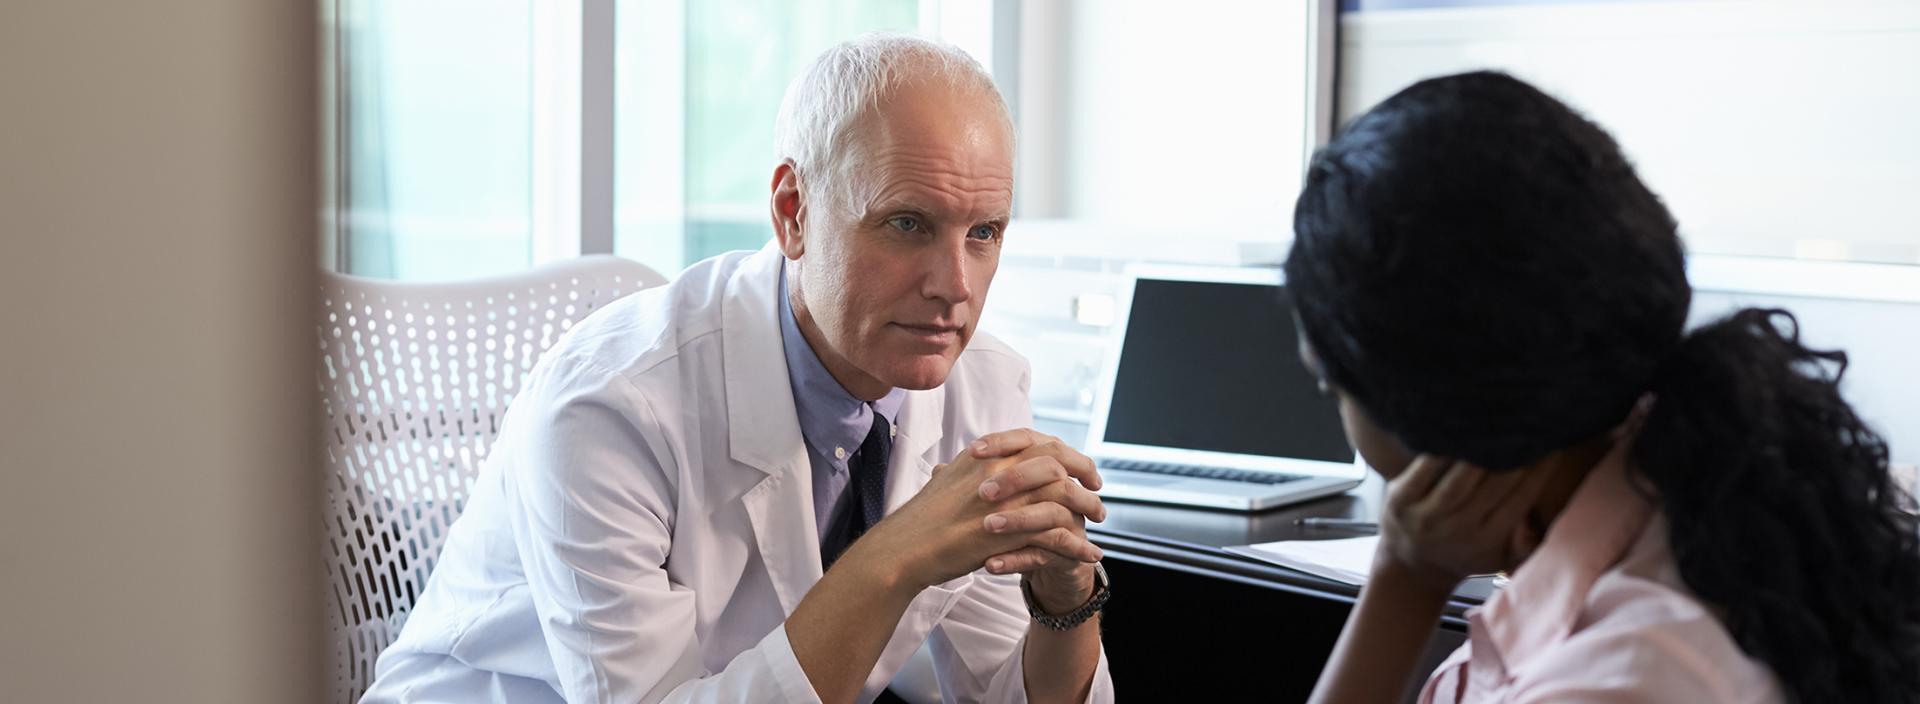 Especialização Avançada em Intervenção em Saúde Mental em Contexto Hospitalar